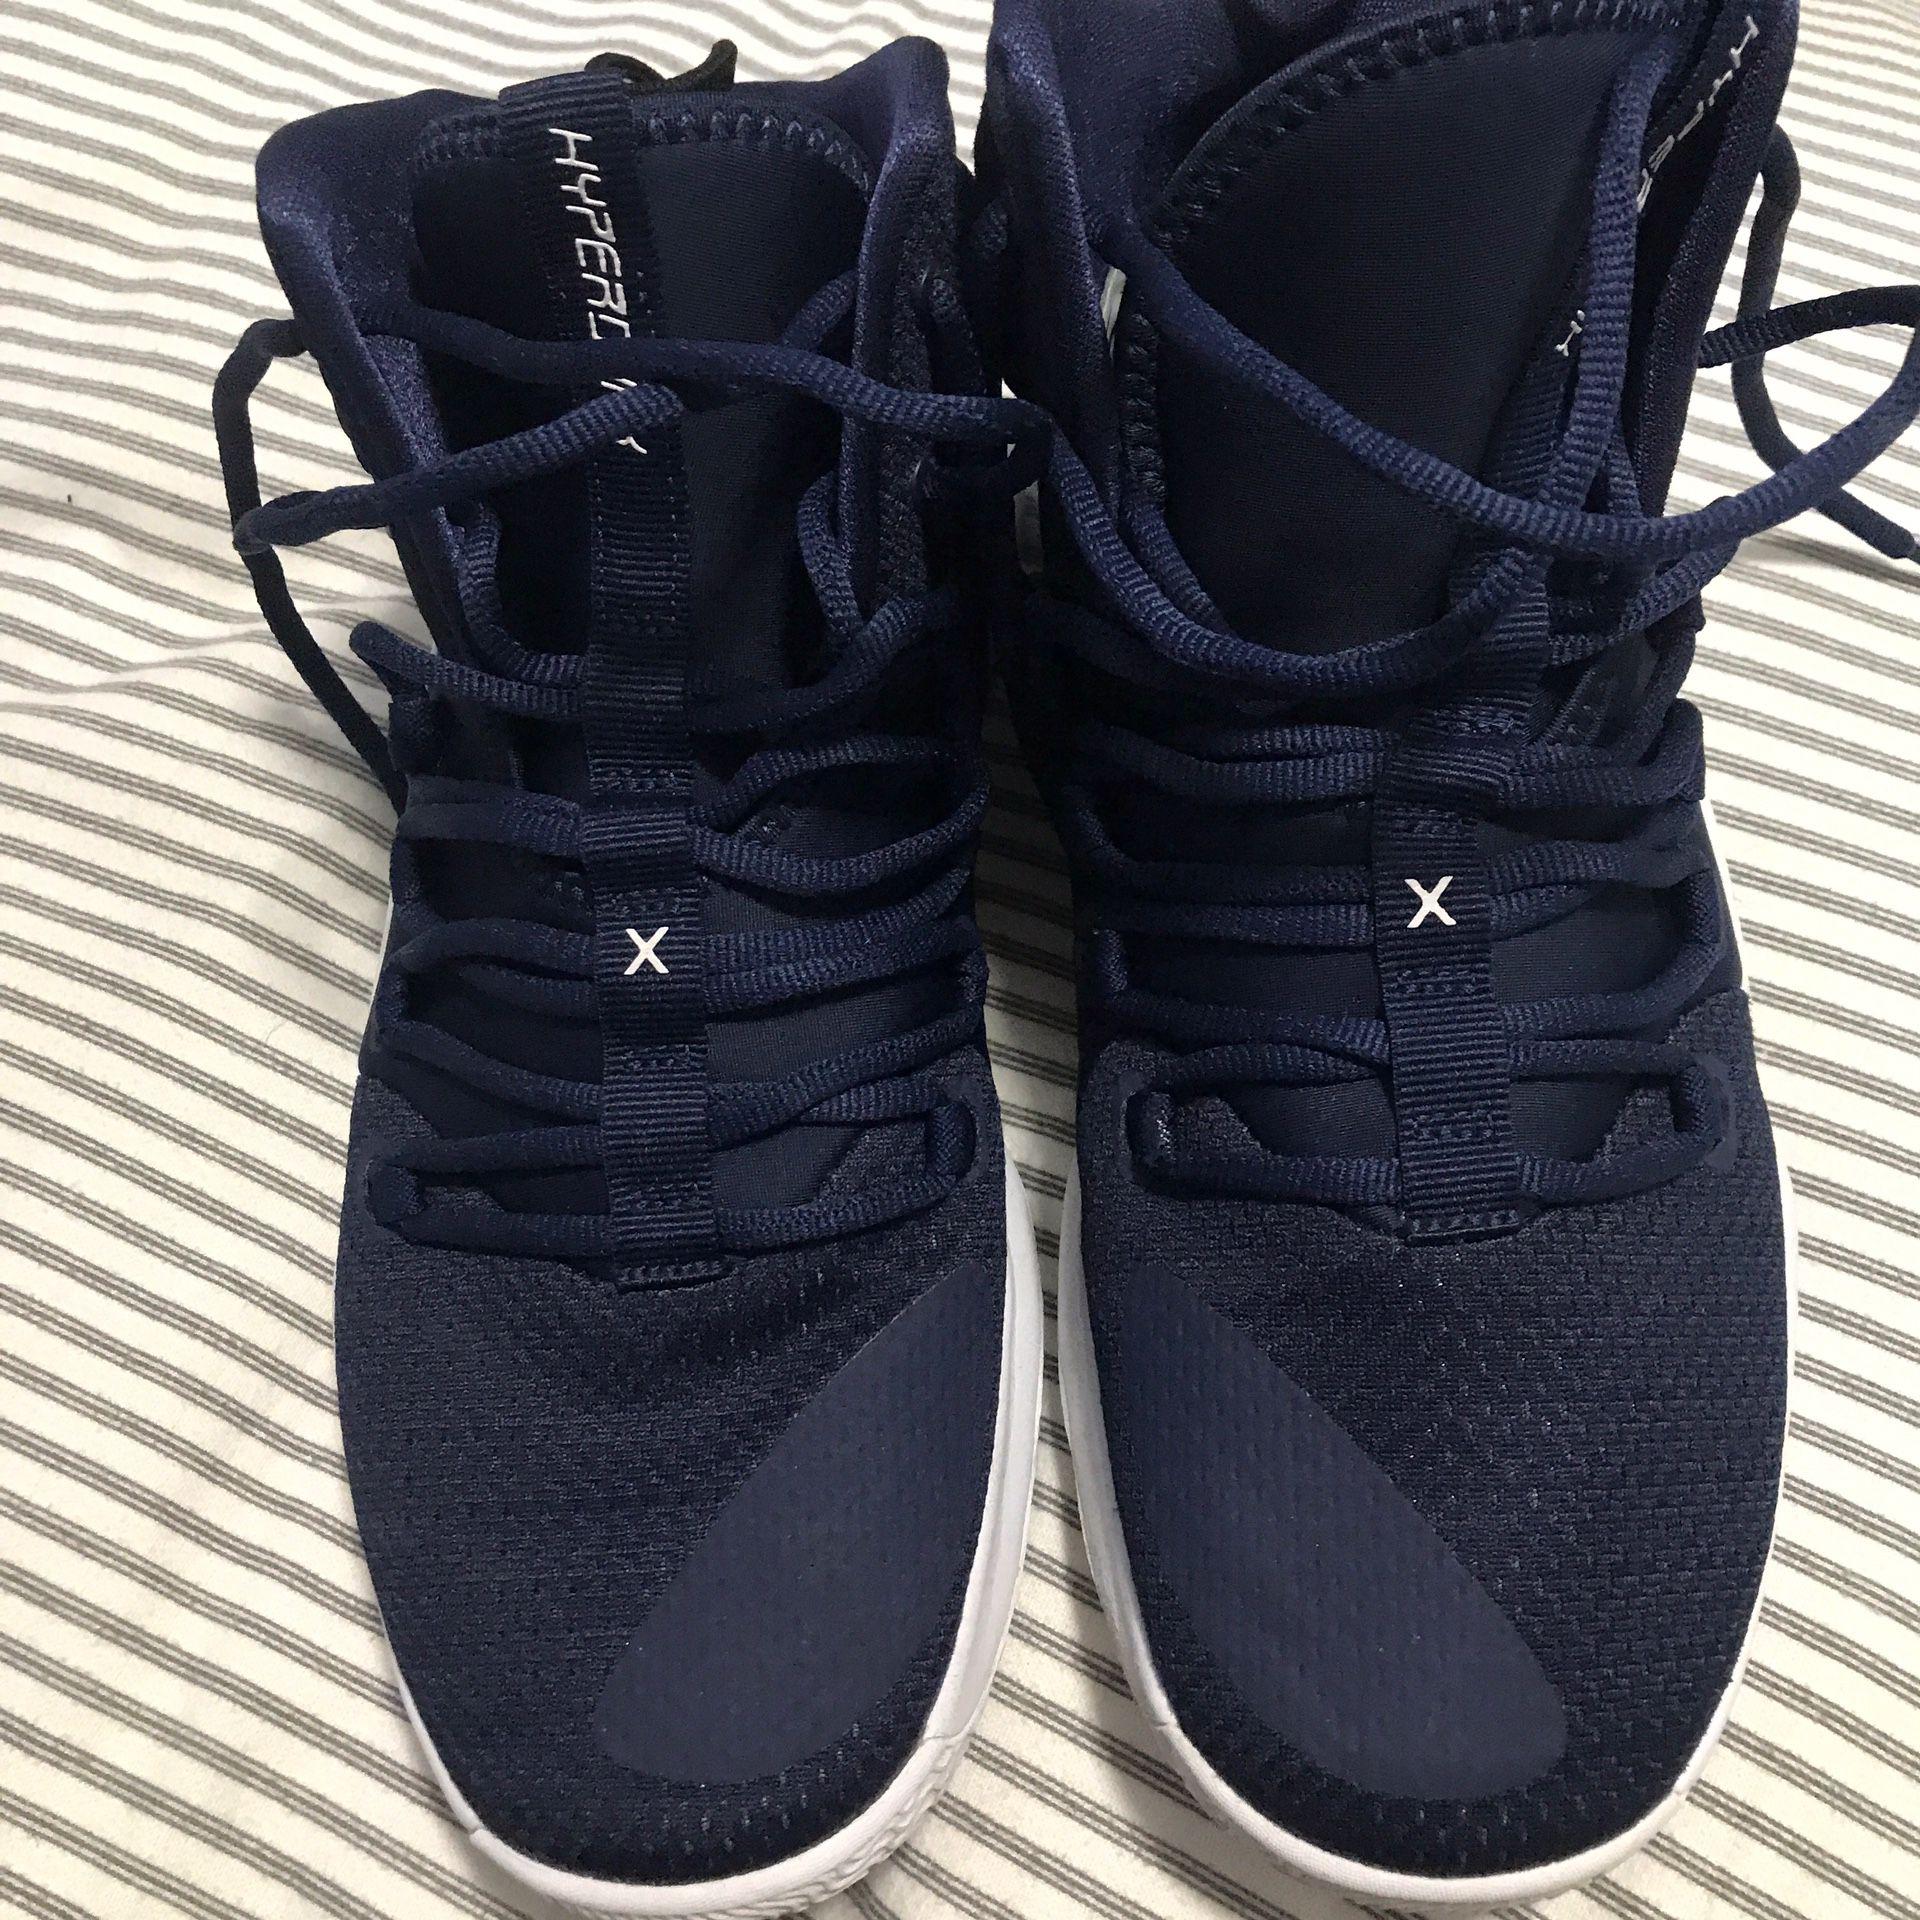 Hyper dunk basketball shoes